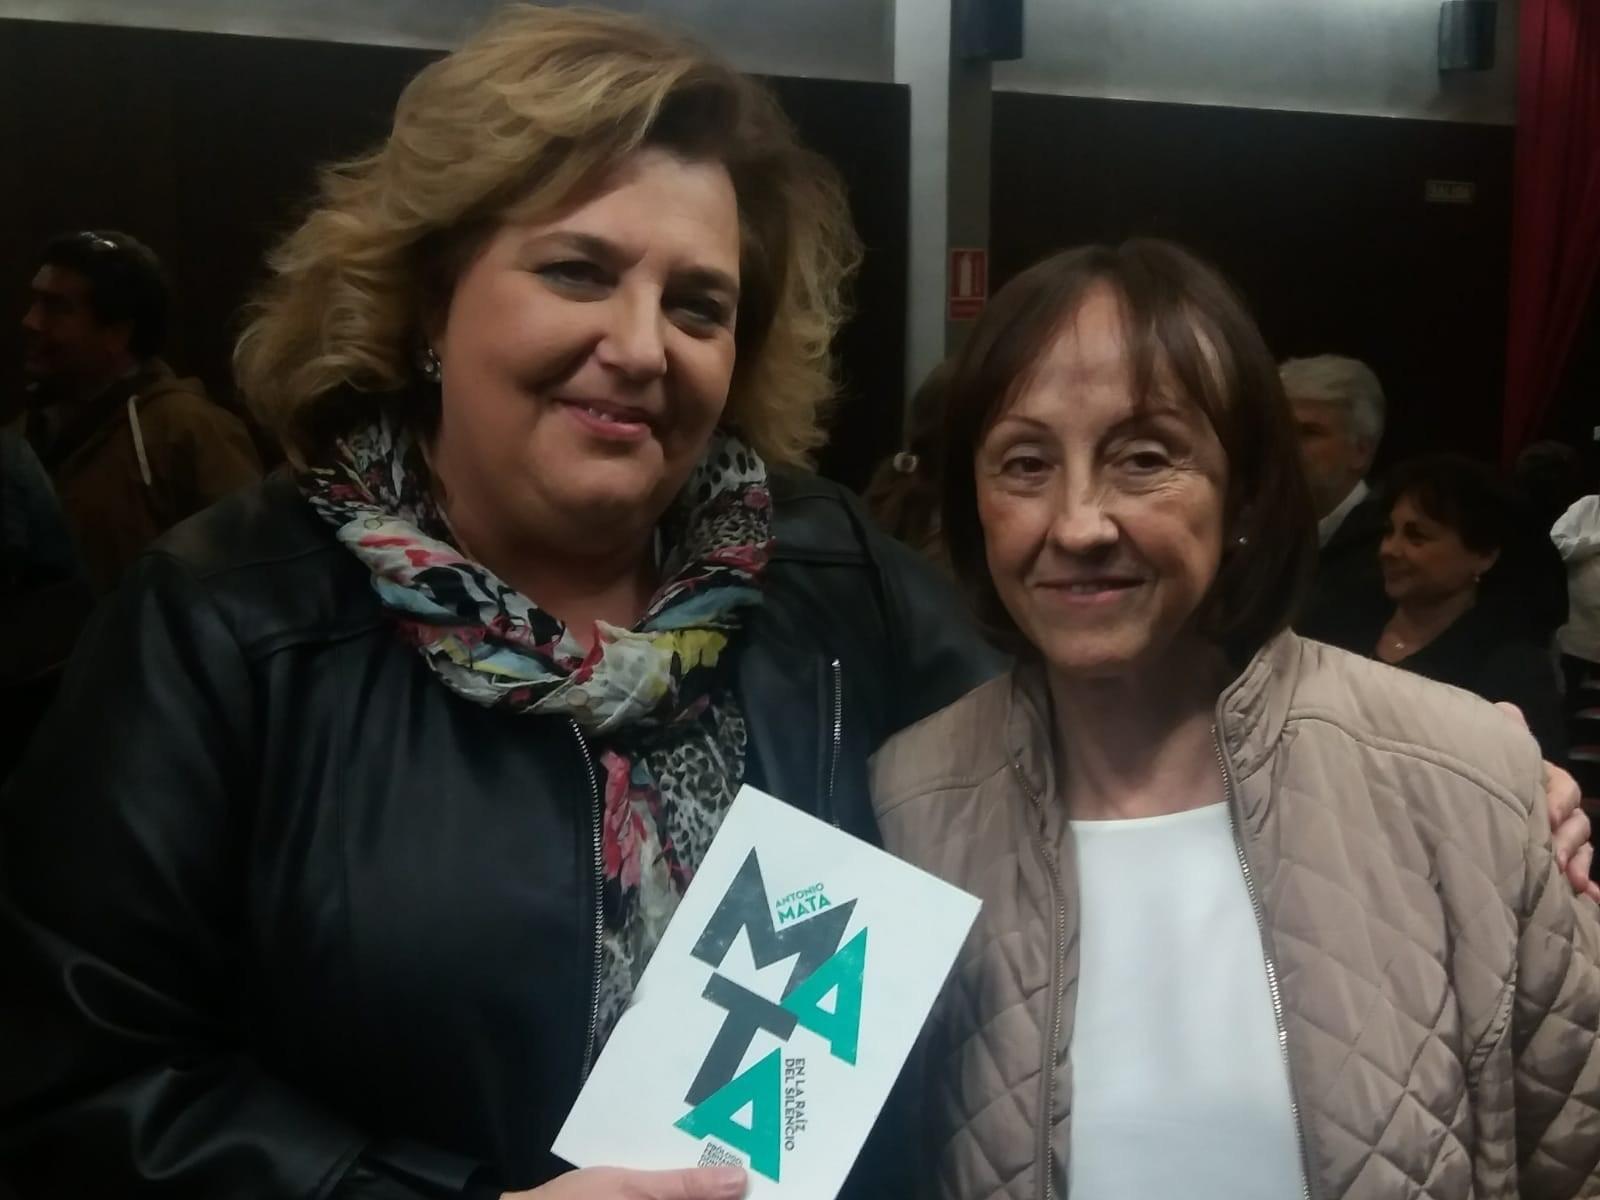 La Diputación edita un libro de versos e ilustraciones inéditas del poeta Antonio Mata